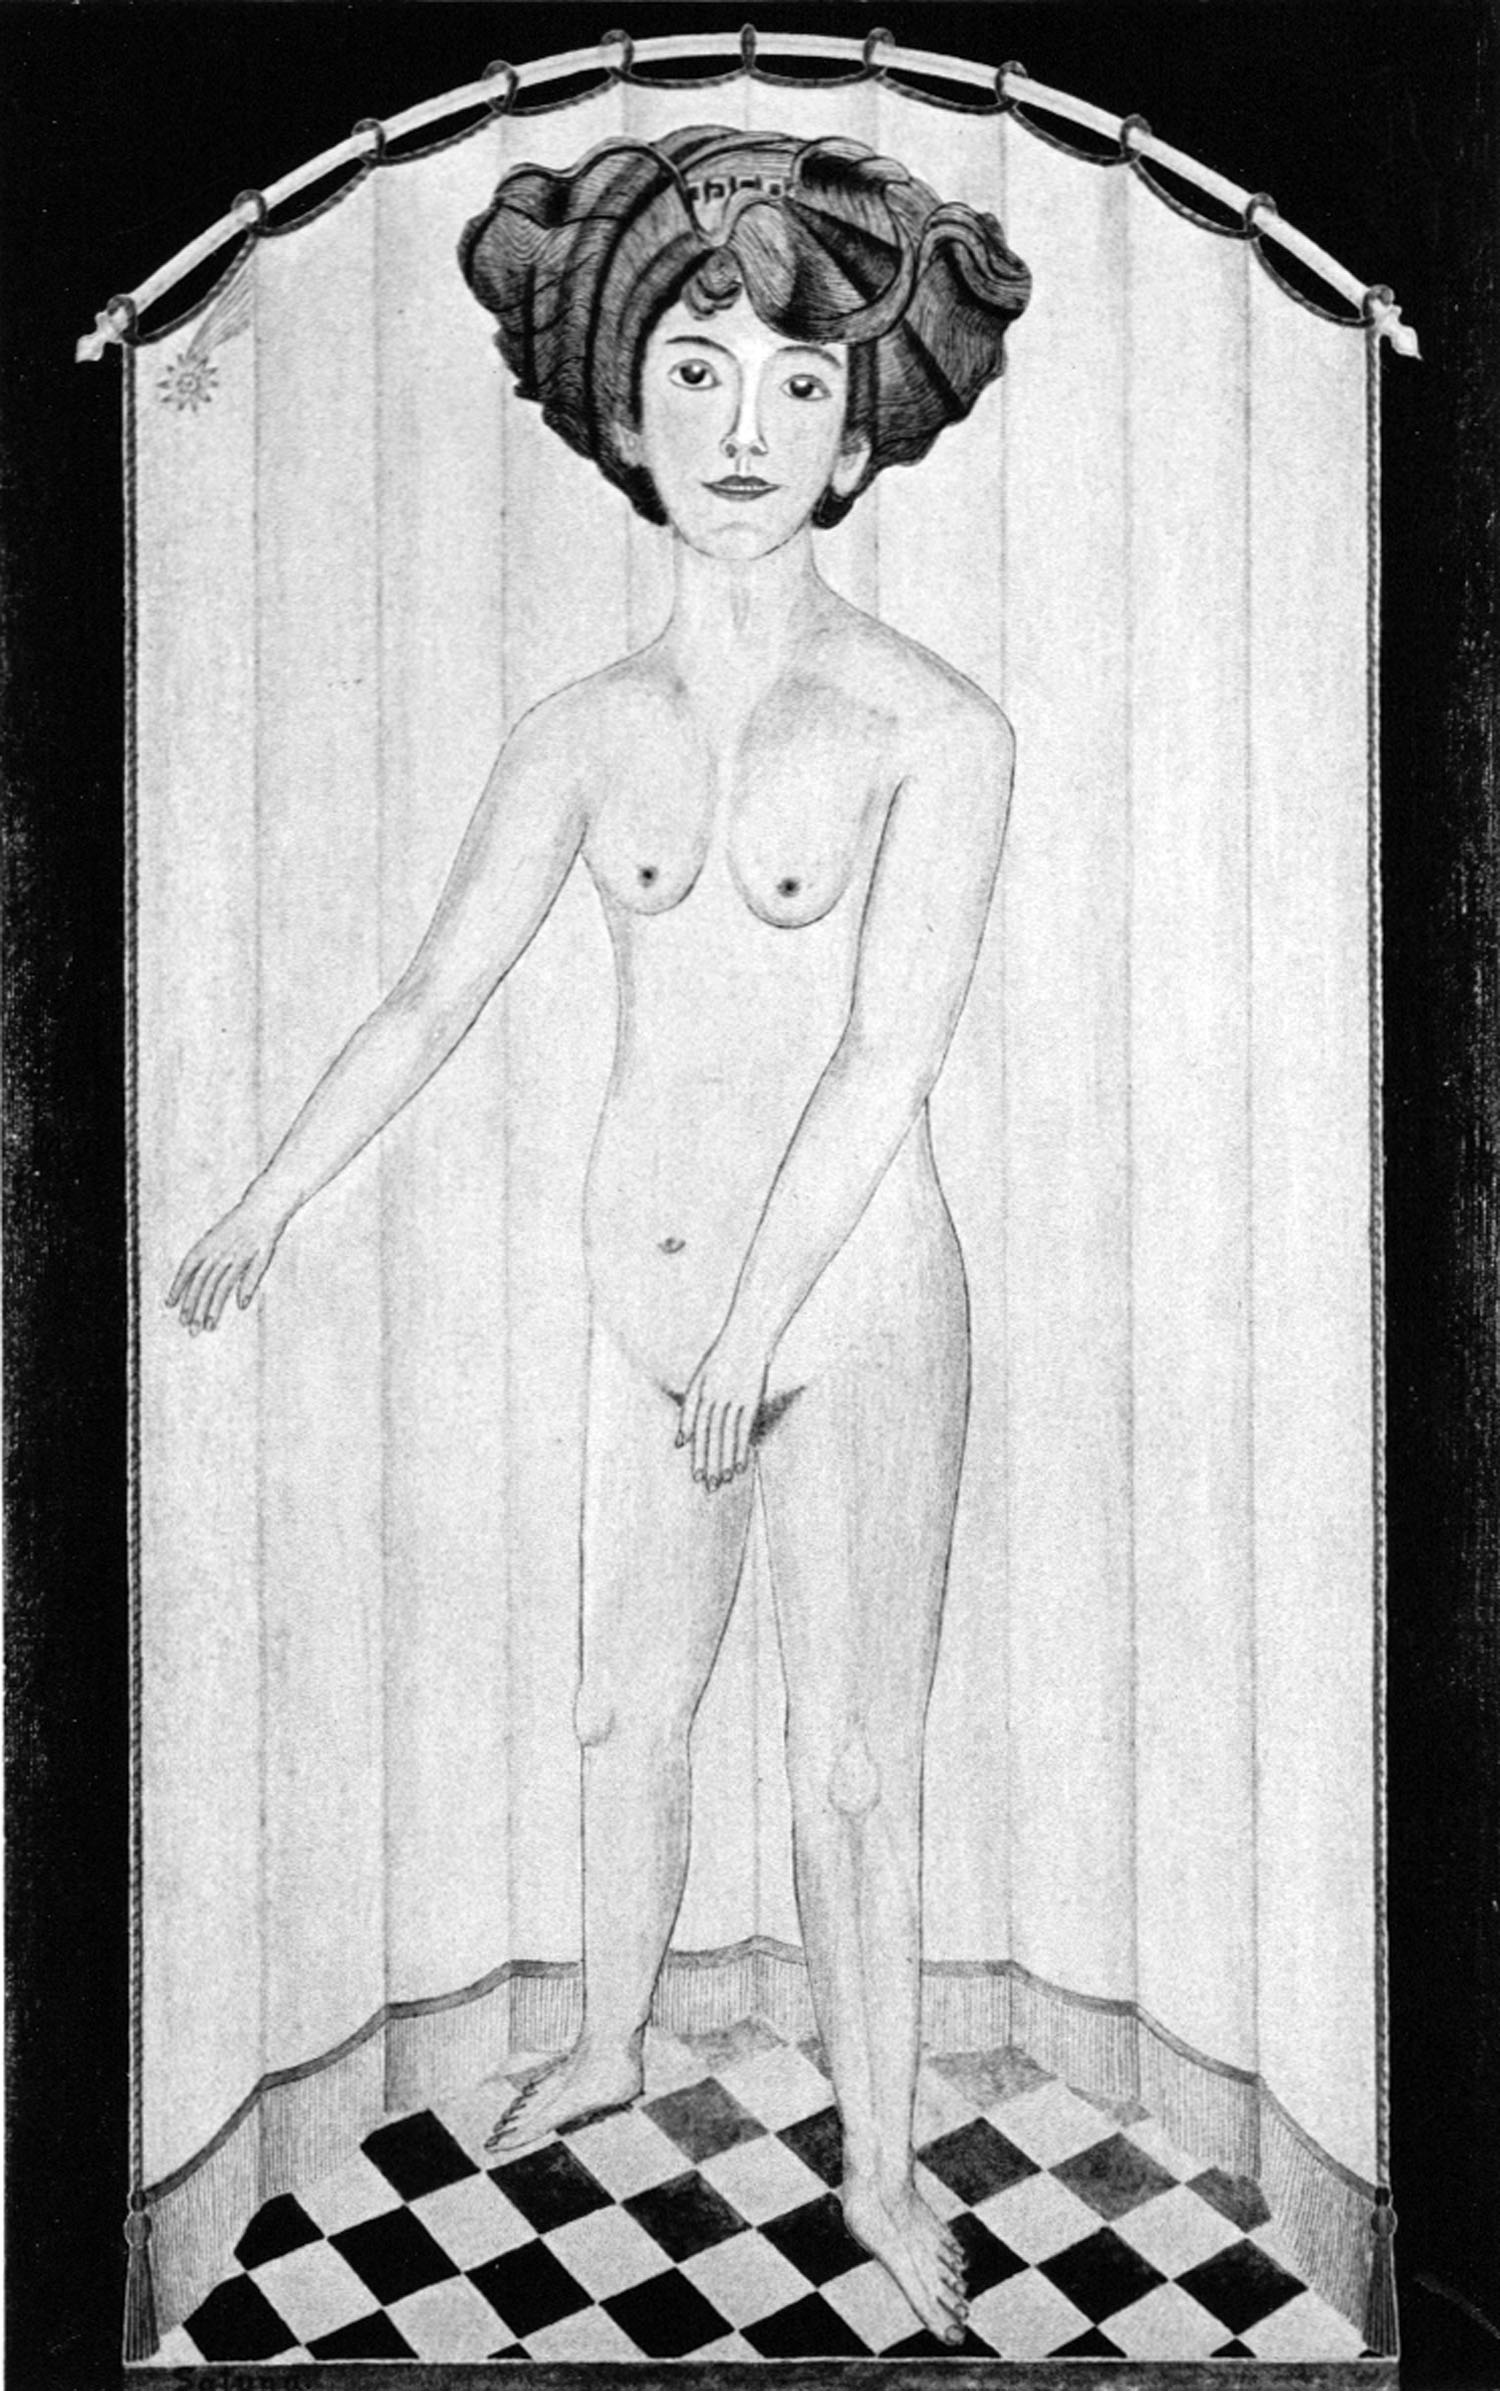 August Natterer, Santana, 1901